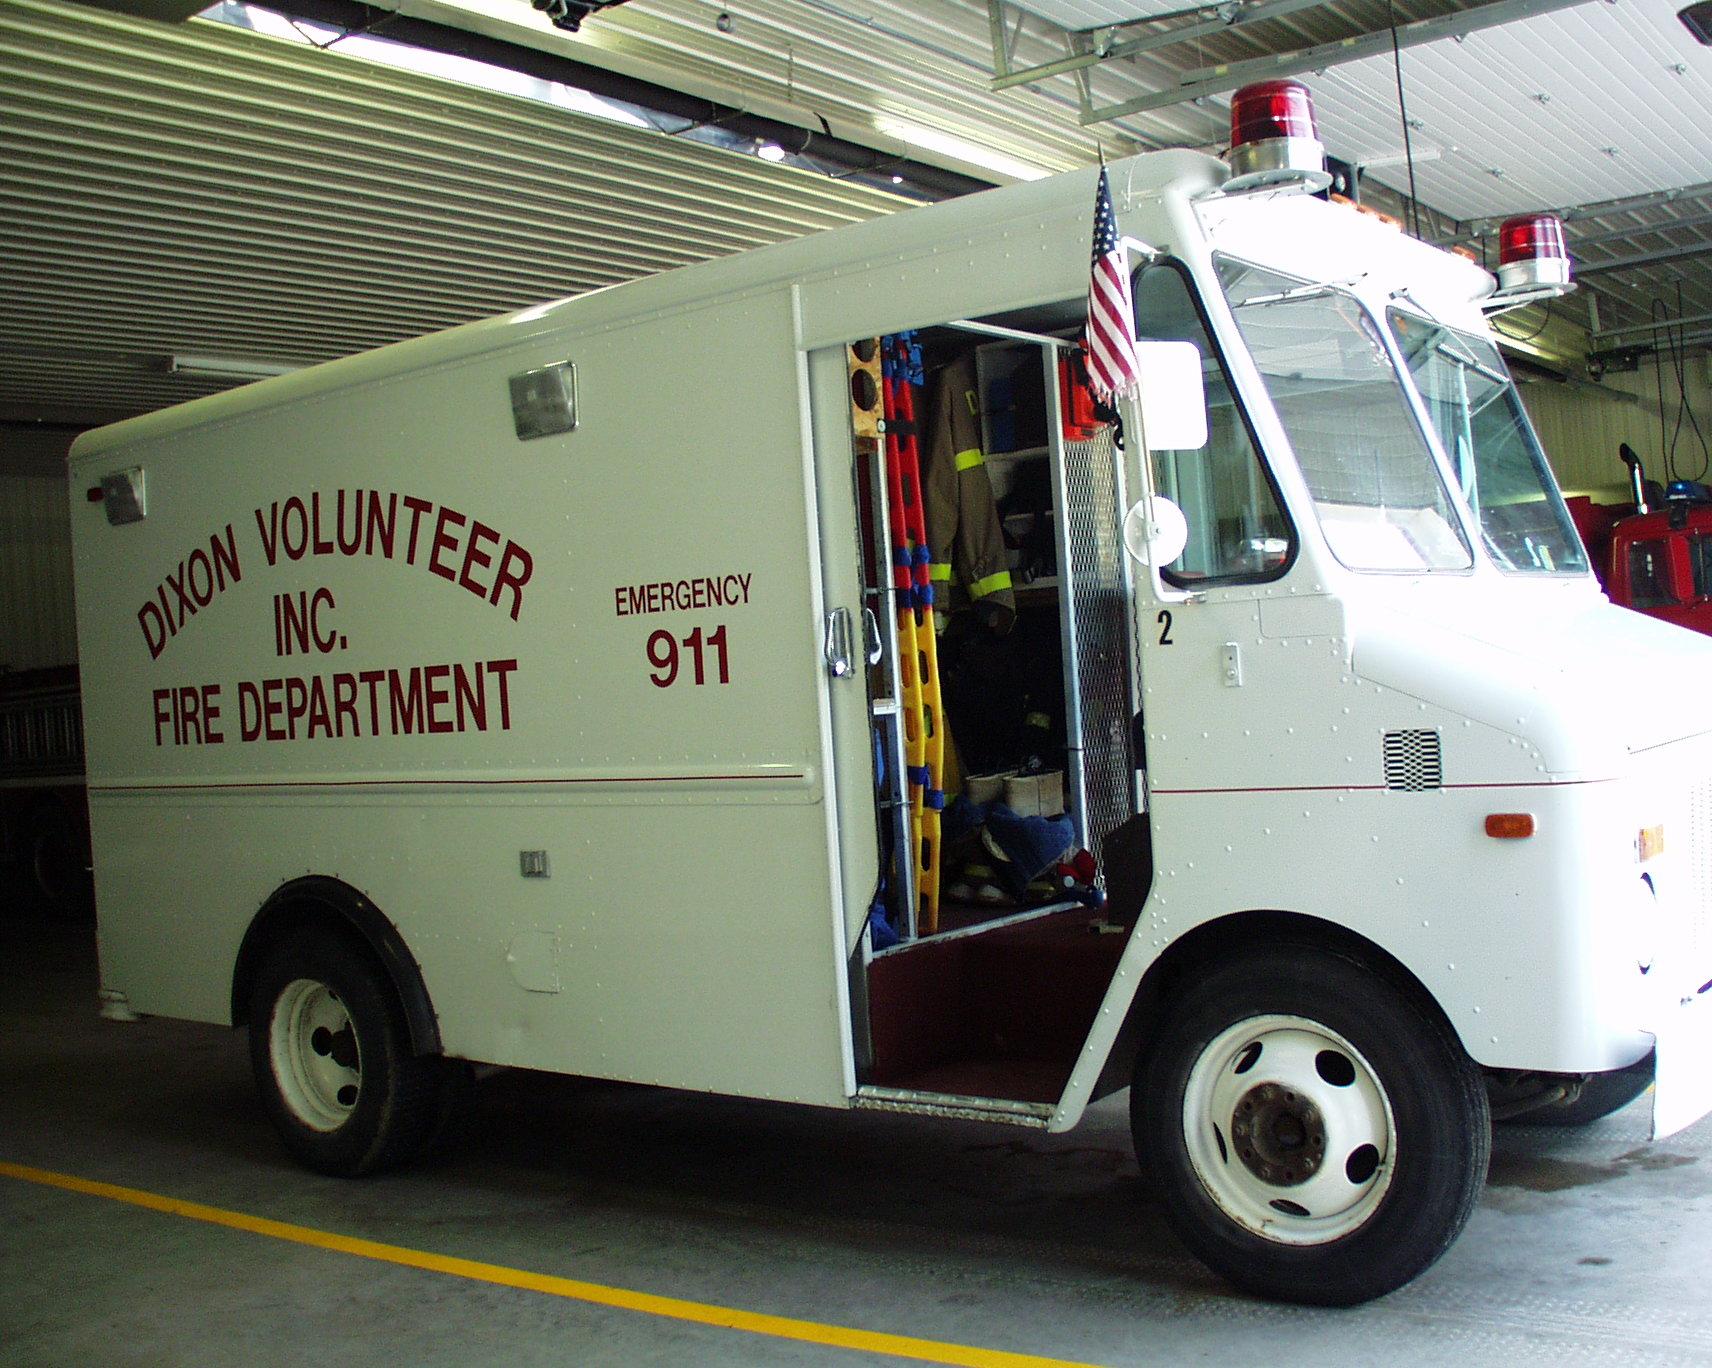 Dixon Volunteer Fire Department Scott County Iowa